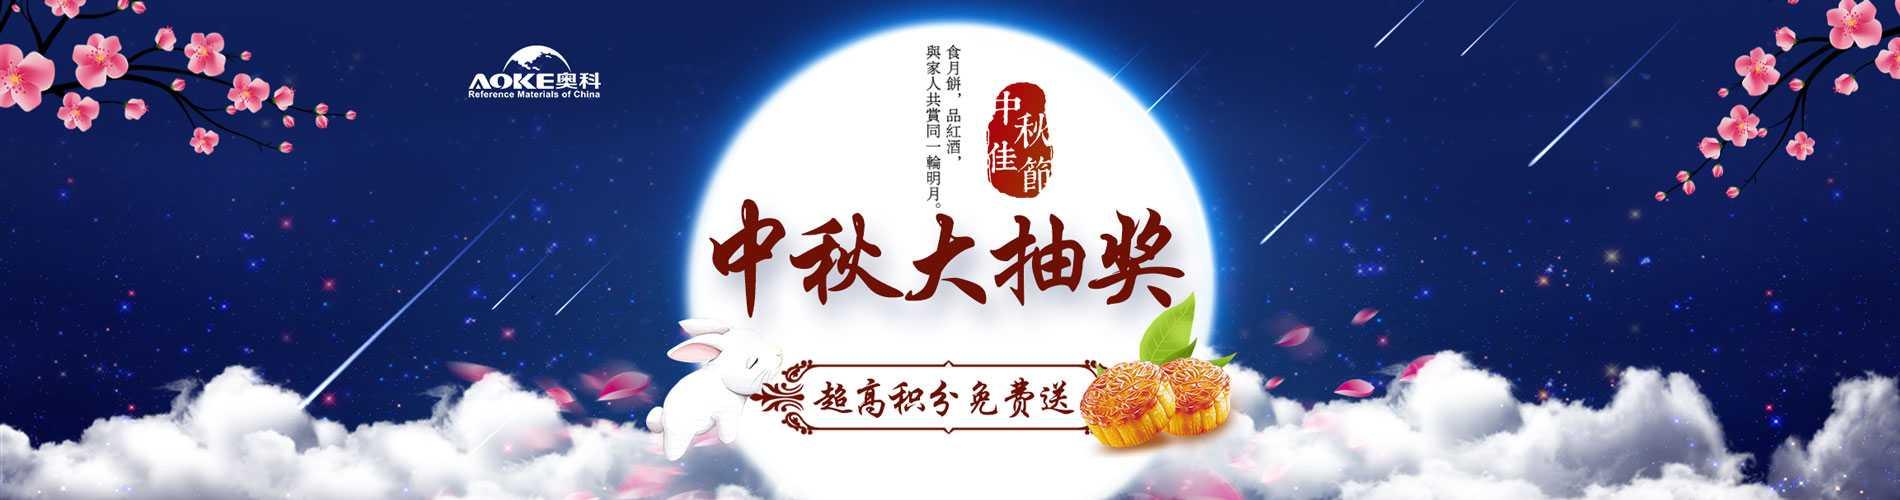 中秋大抽奖活动-www.hongyun360.net博彩在线评级网